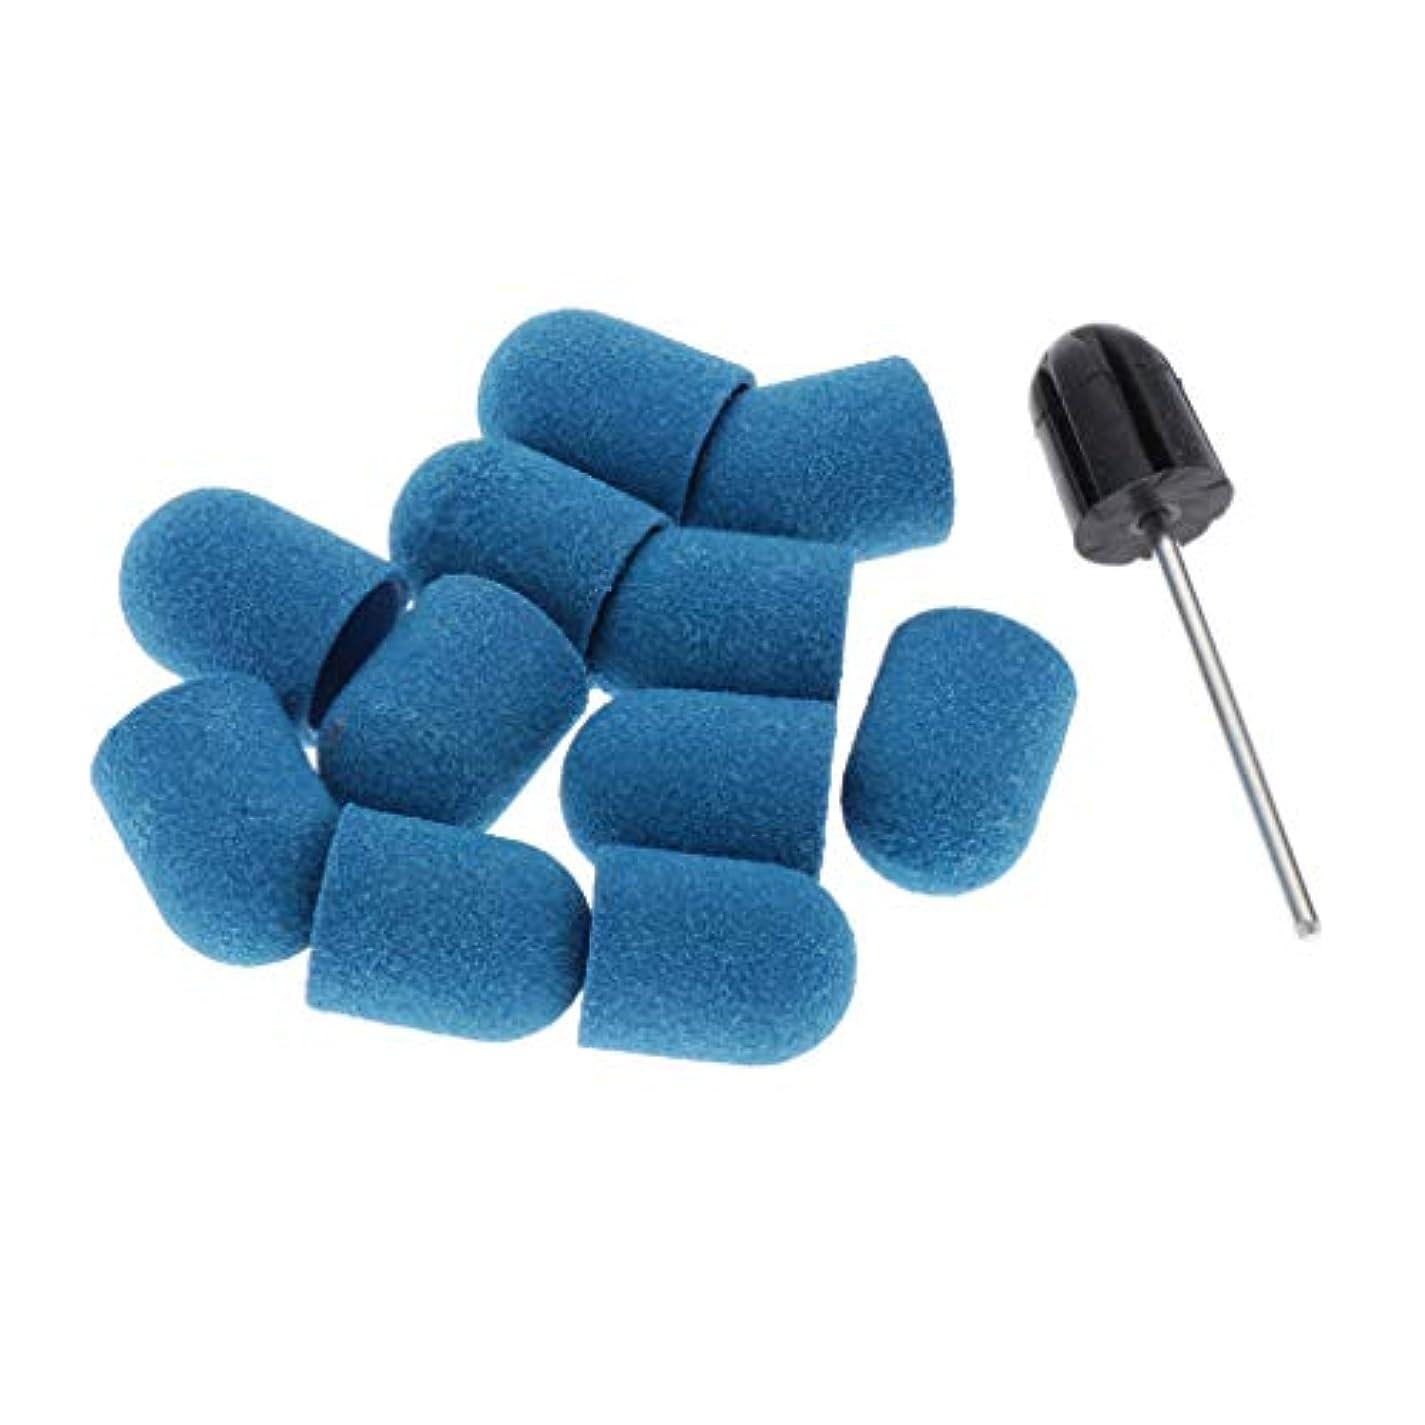 頂点独立して甲虫Toygogo ネイルアート マニキュア ネイルファイル サンディングキャップ ネイルヘッド 10本セット 全5カラー - 青